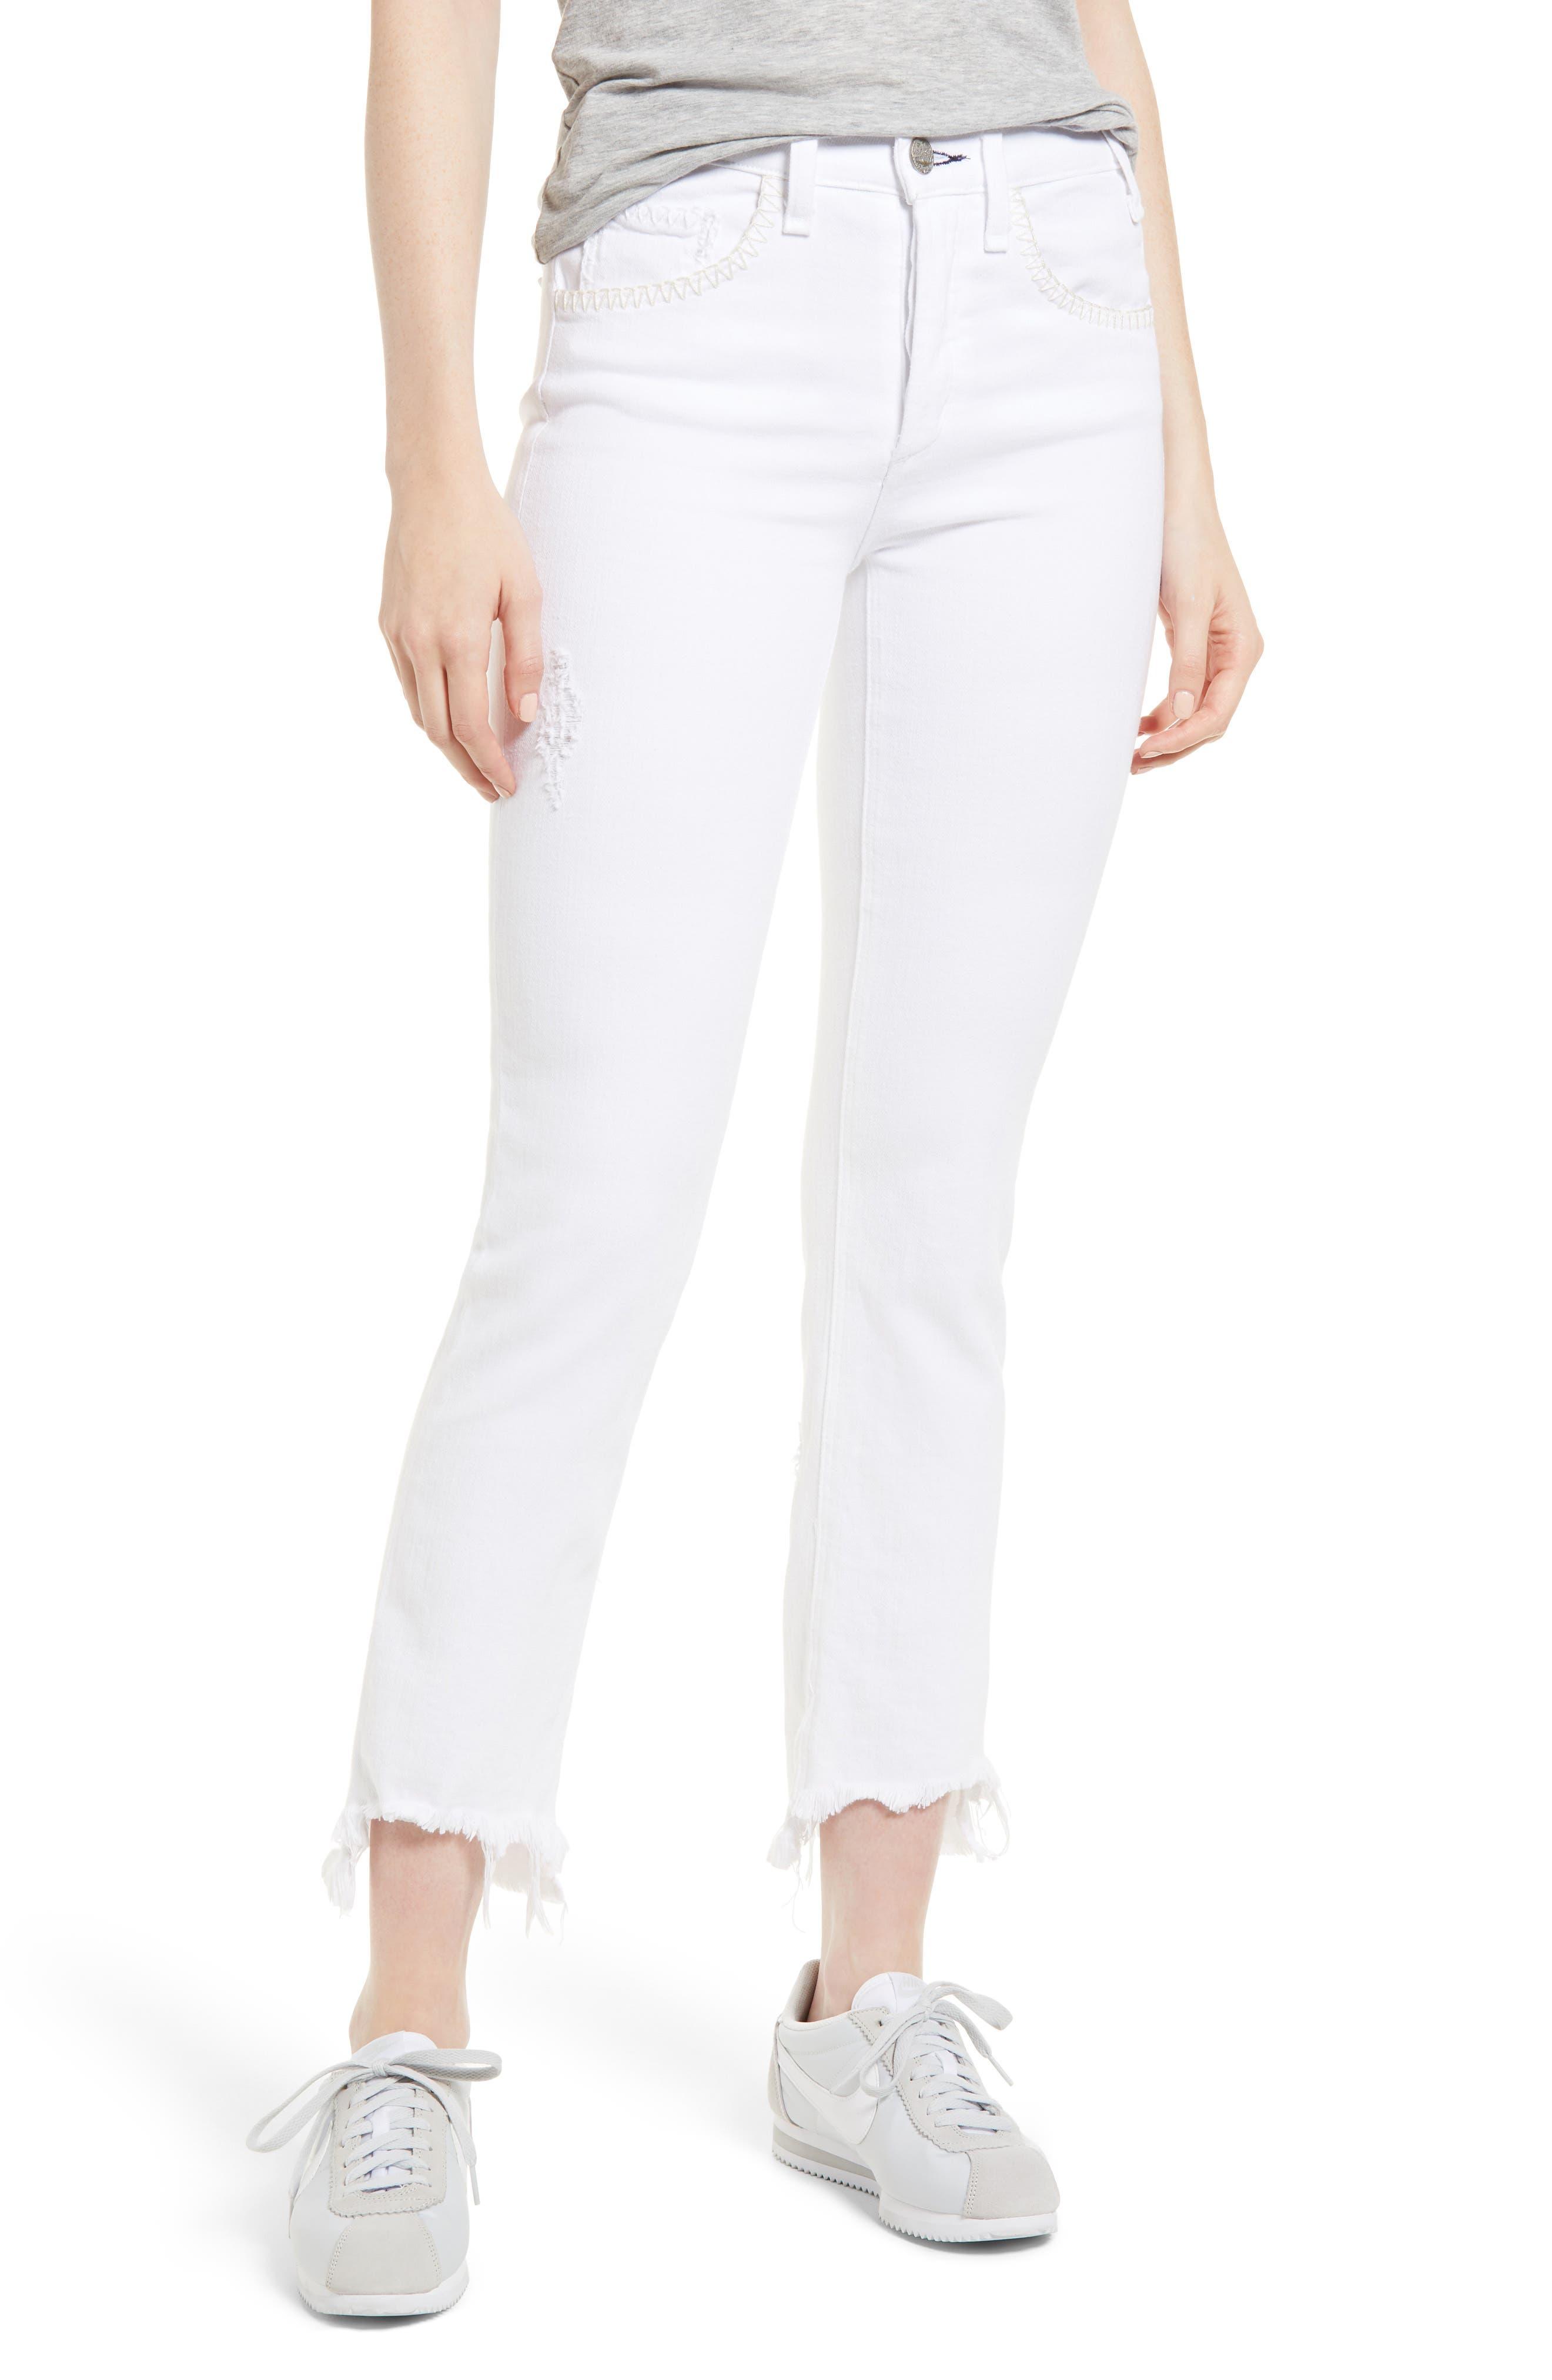 Valetta Step Hem Straight Leg Jeans,                             Main thumbnail 1, color,                             SIDARI